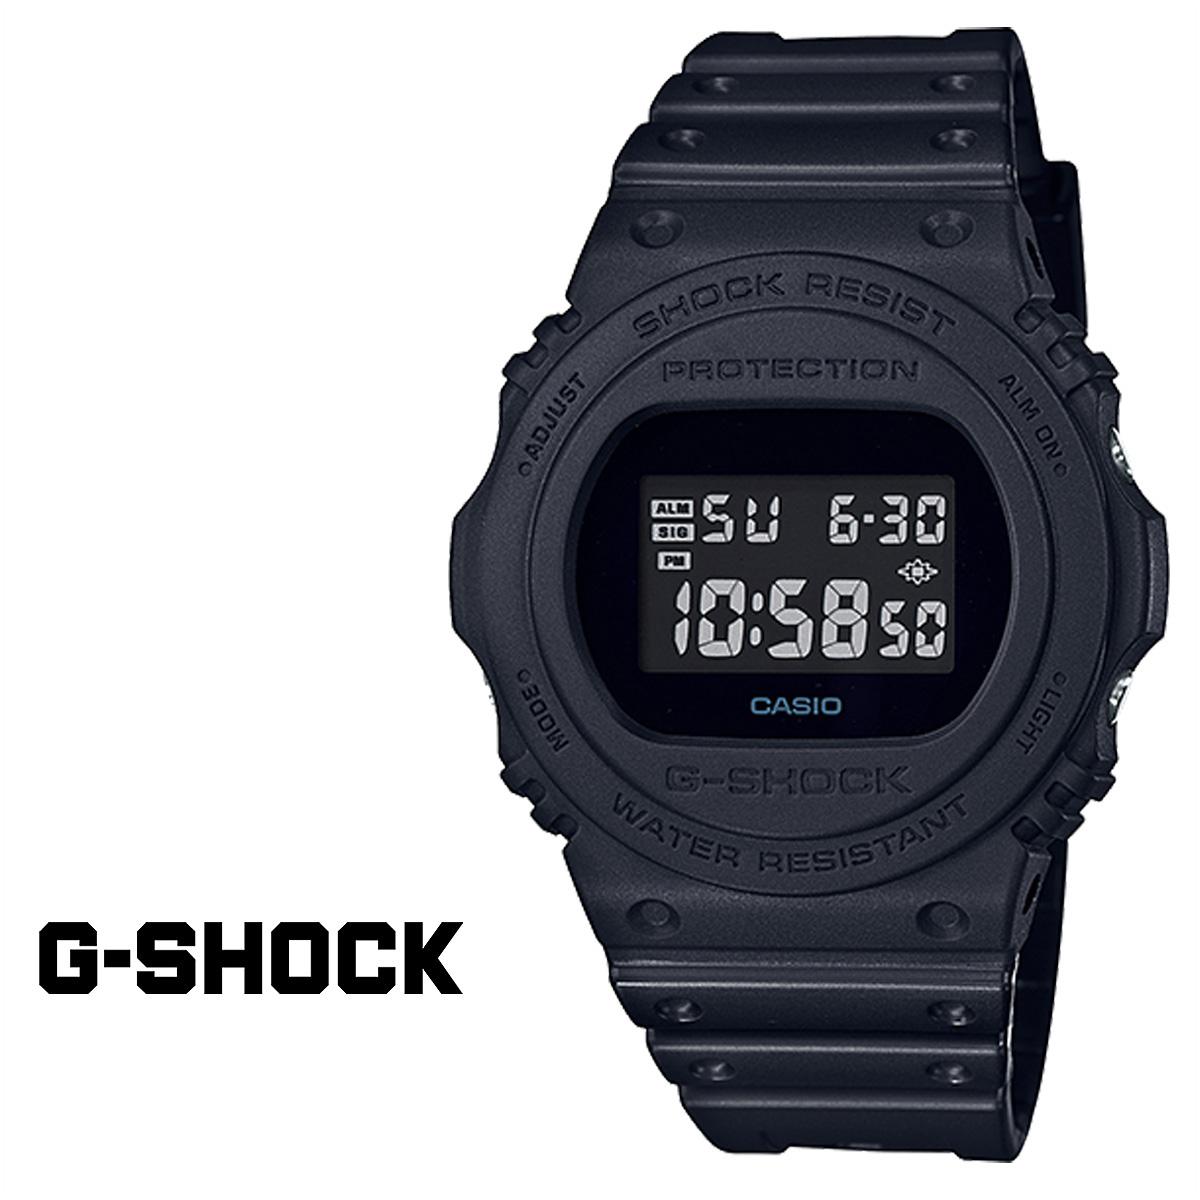 CASIO G-SHOCK カシオ 腕時計 DW-5750E-1BJF Gショック G-ショック ブラック メンズ レディース